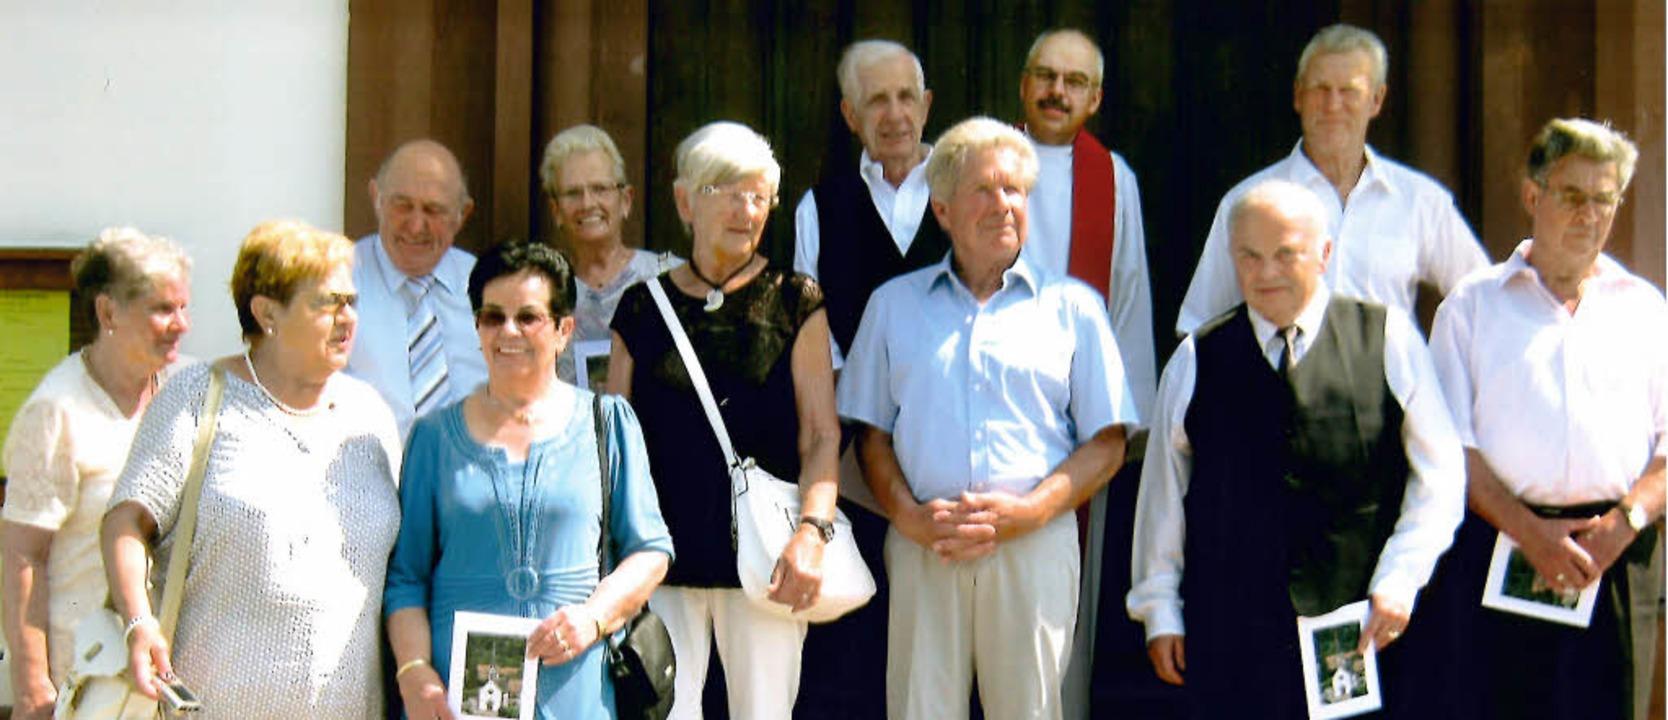 Die diamantenen Konfirmationsjubilare ...r Clemens Ickelheimer und Werner Haug.    Foto: zvg